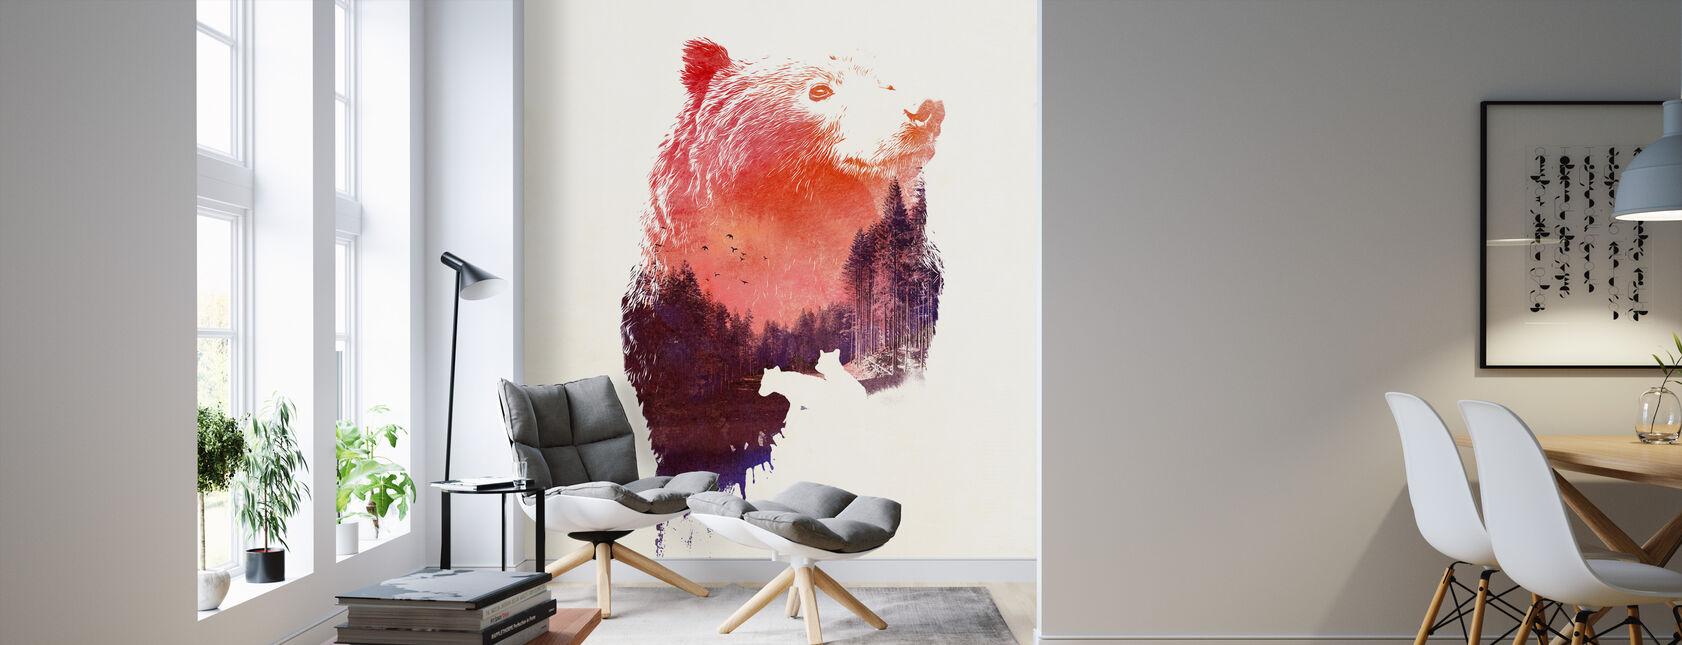 Love Forever - Wallpaper - Living Room